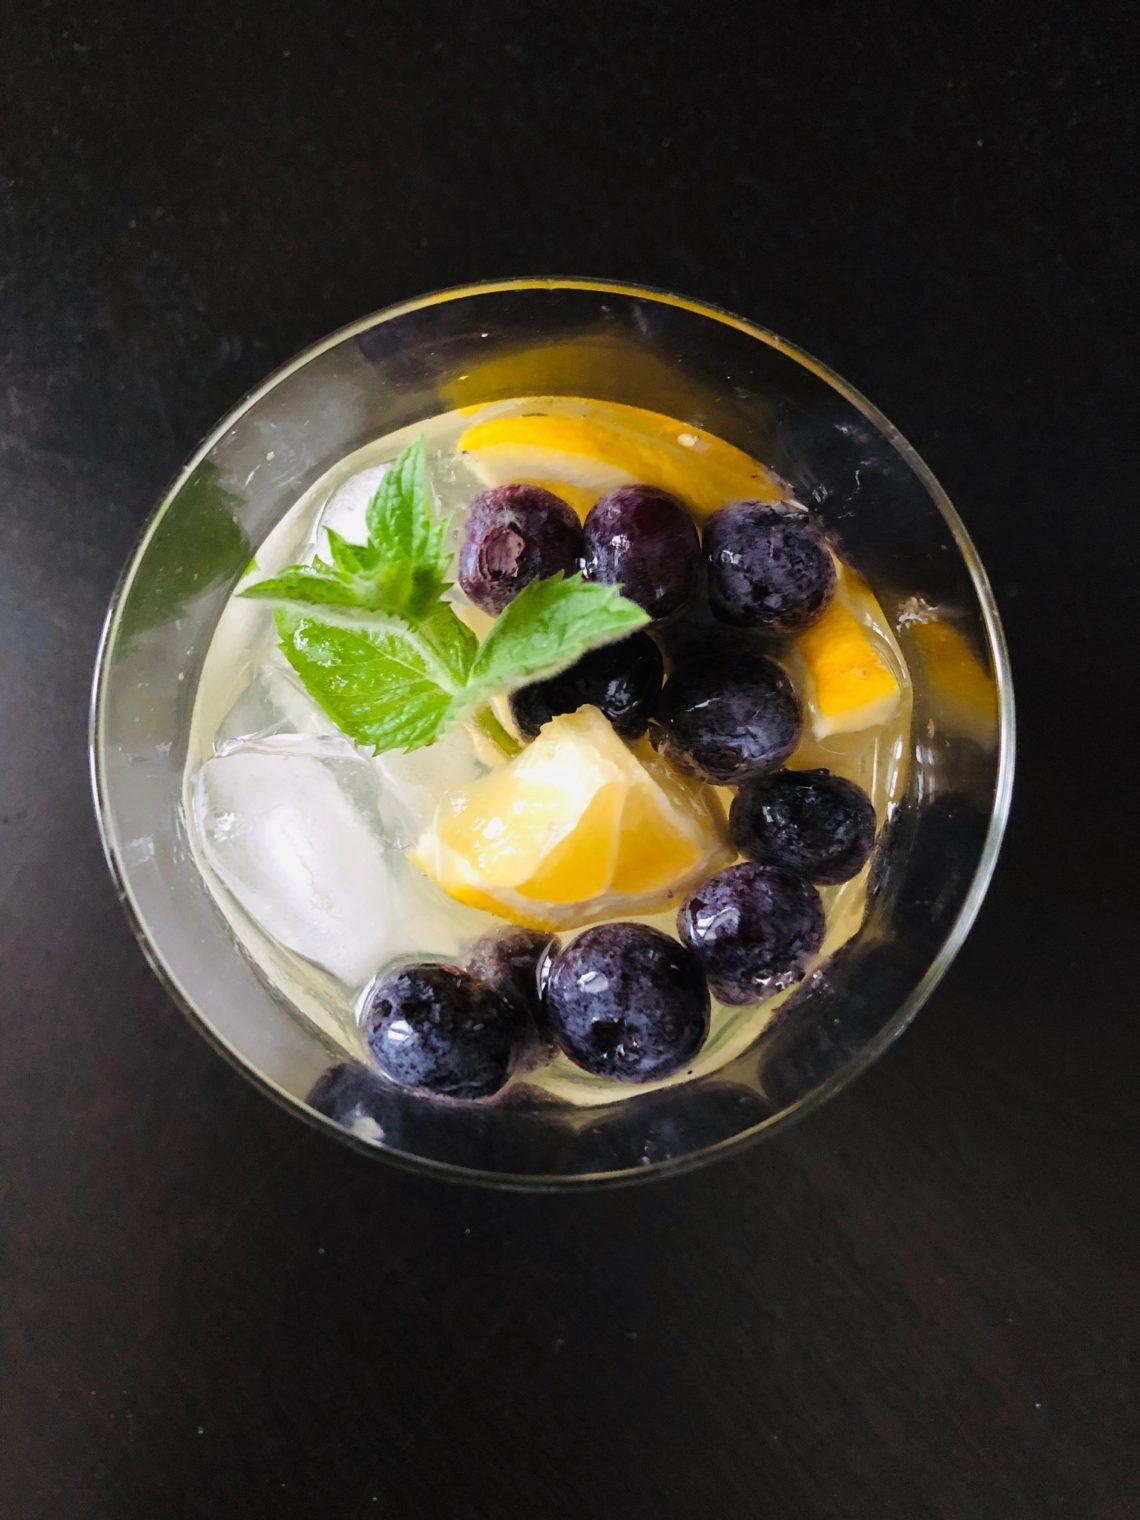 #recettesfamille #recettesansnoix #recettesansarachide #proseccoetlimoncelloauxbleuets #cocktail #cocktailbleuet #cocktailbleuets